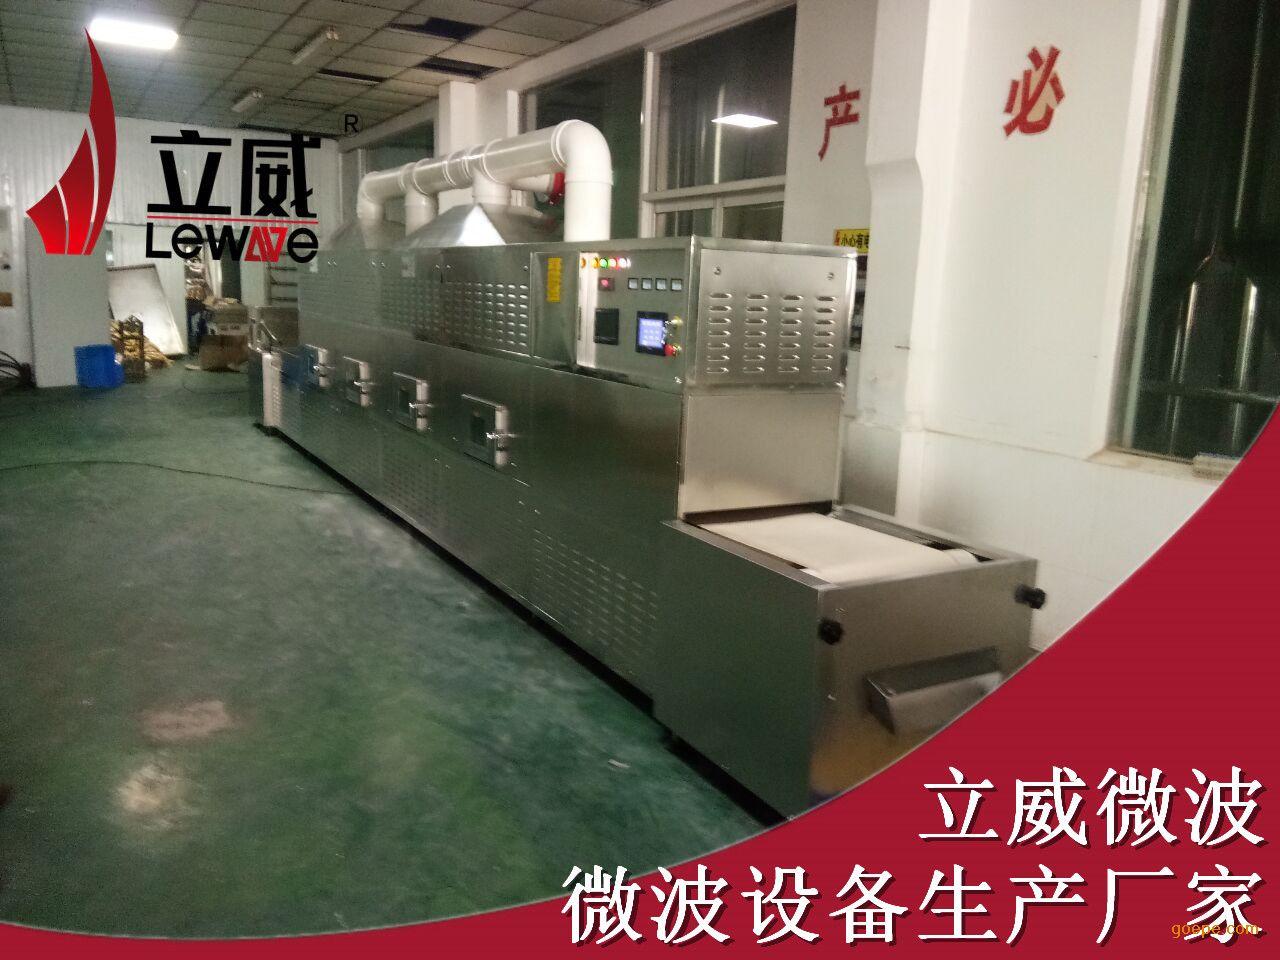 山东立威微波专业生产茶叶微波杀青设备